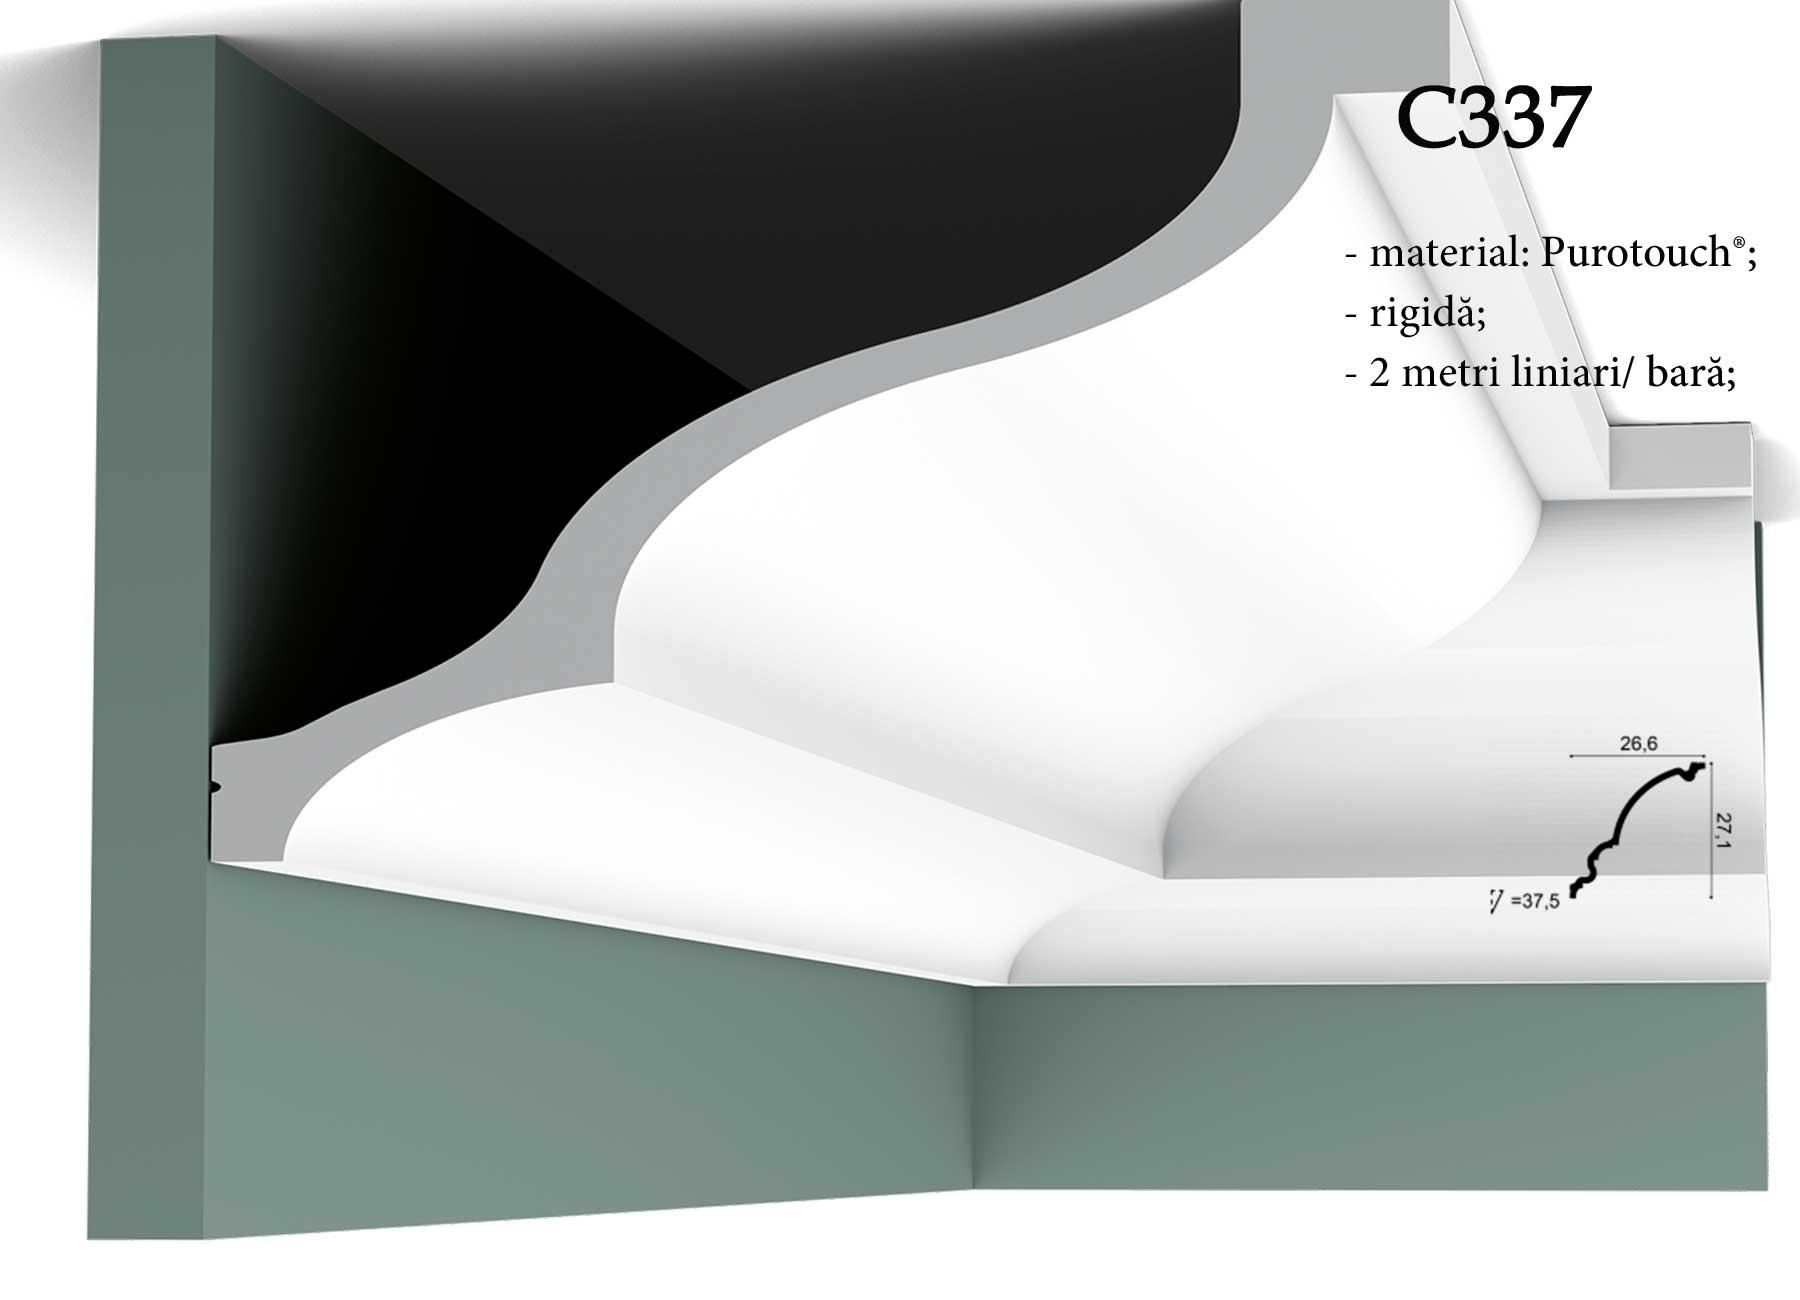 Cornisa C337 pentru tavan Orac Decor.